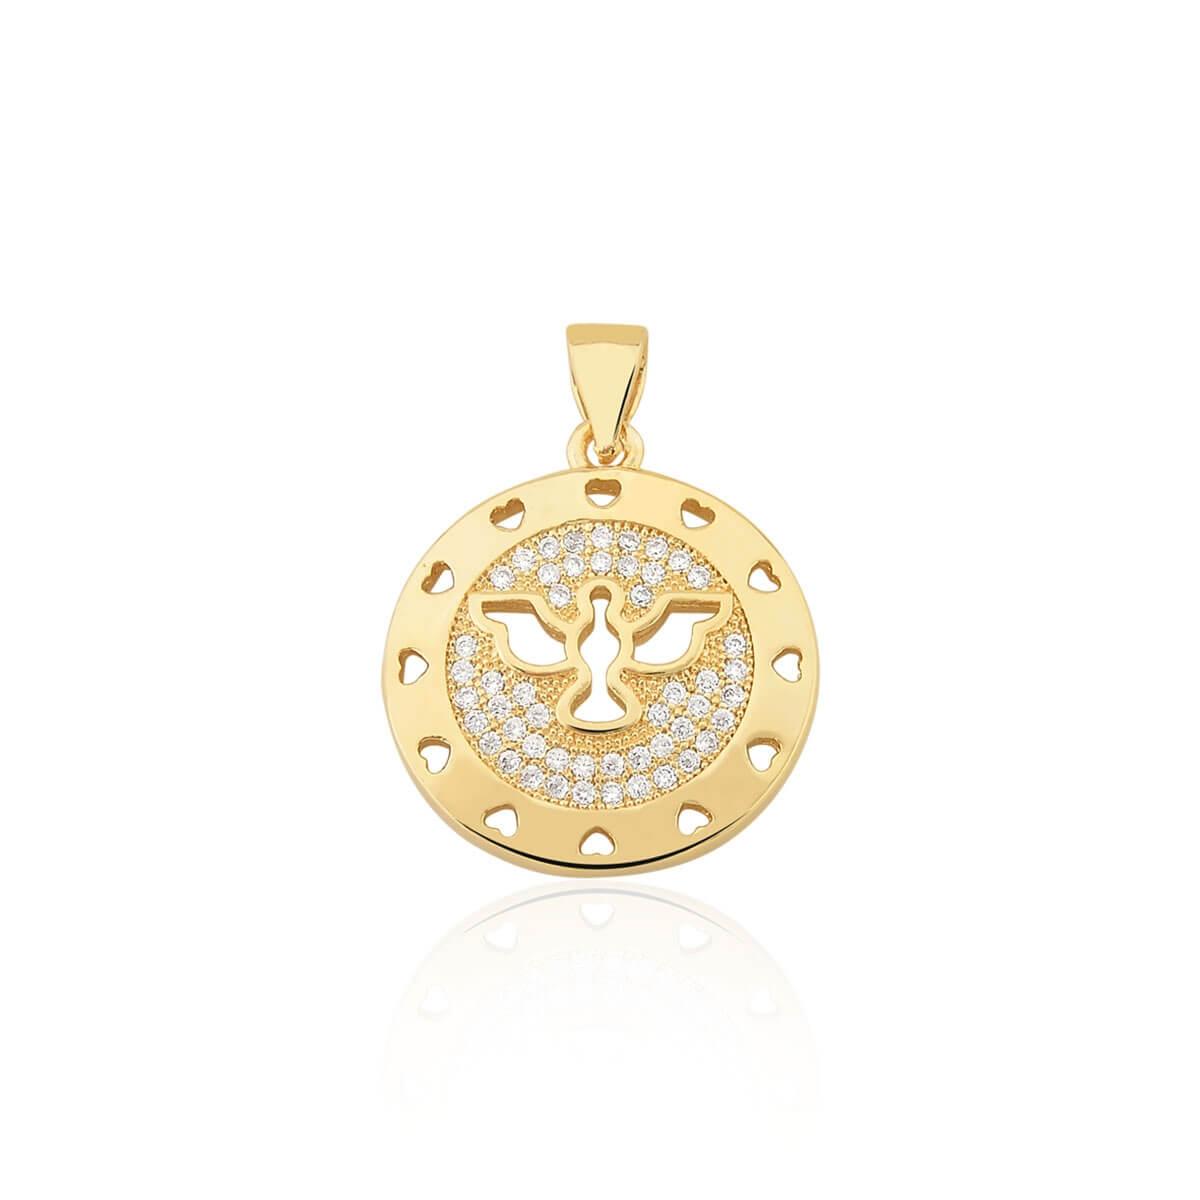 Pingente Divino Espírito Santo com zircônias banhado em ouro 18k